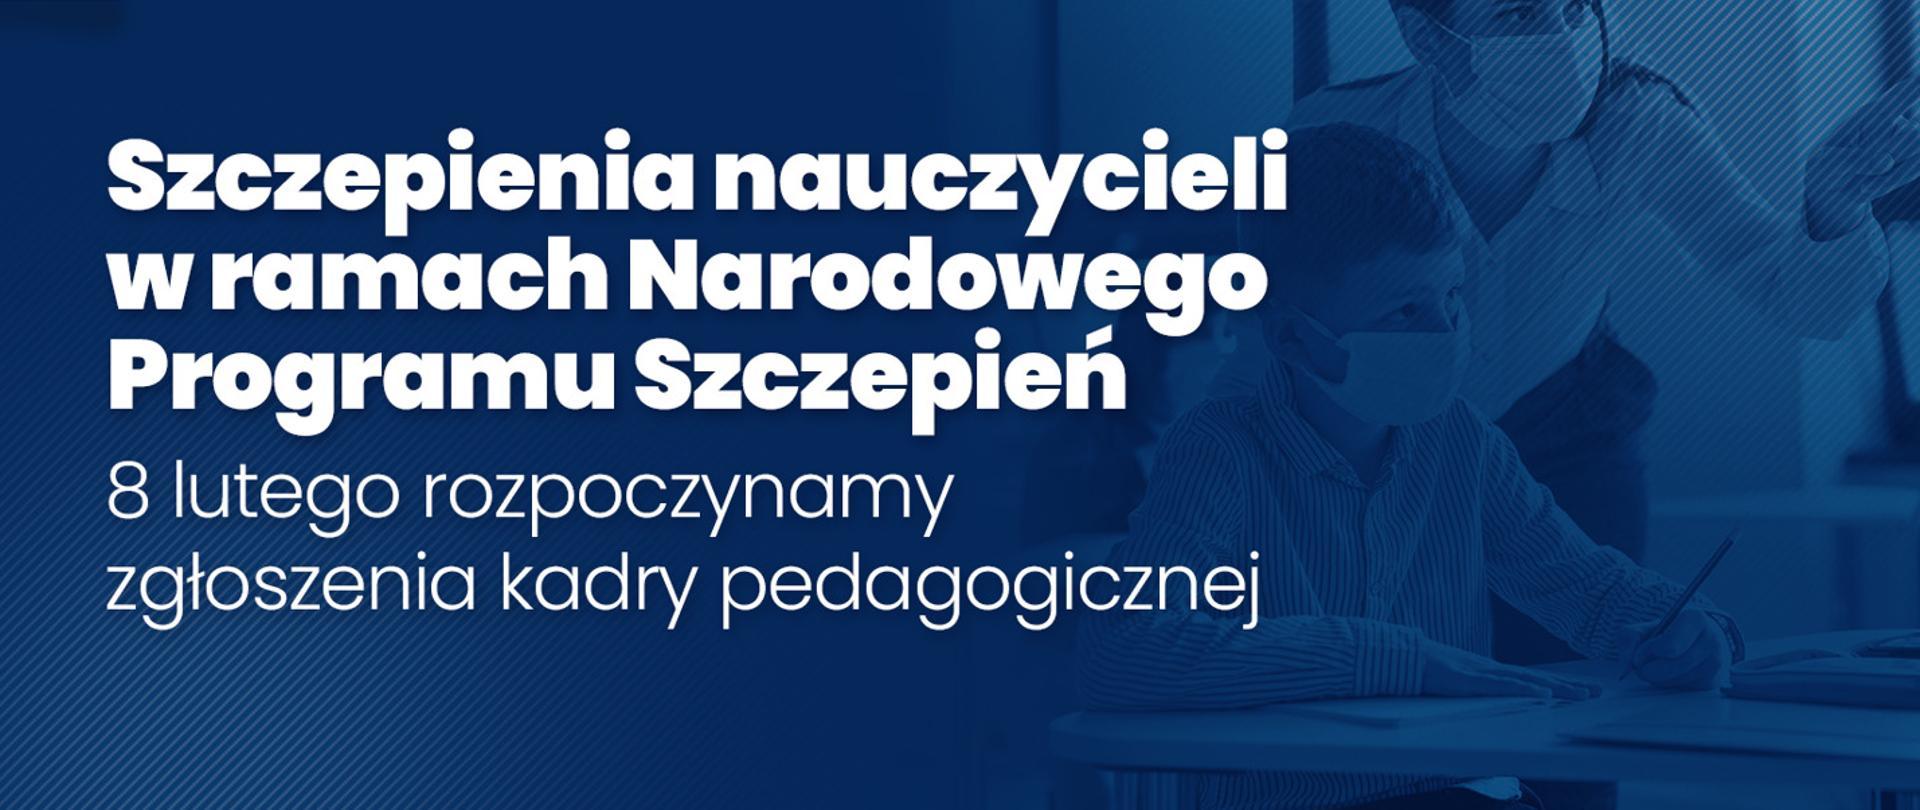 Szczepienia nauczycieli p/COVID-19